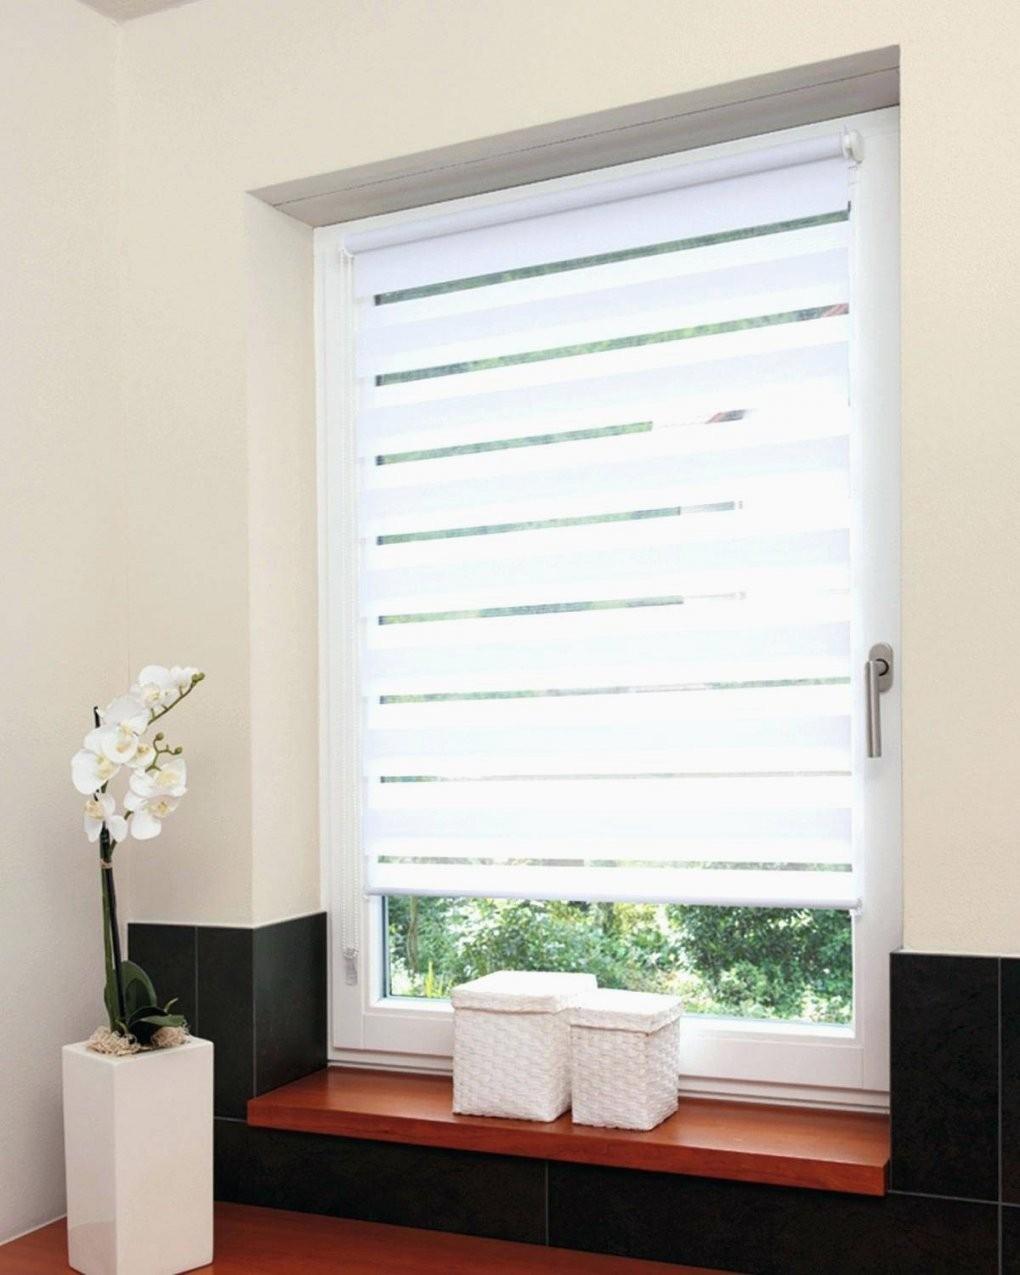 35 Sinnreich Fensterfolie Sichtschutz Ikea  Sanpas Home Decor von Fensterfolie Sichtschutz Ikea Photo